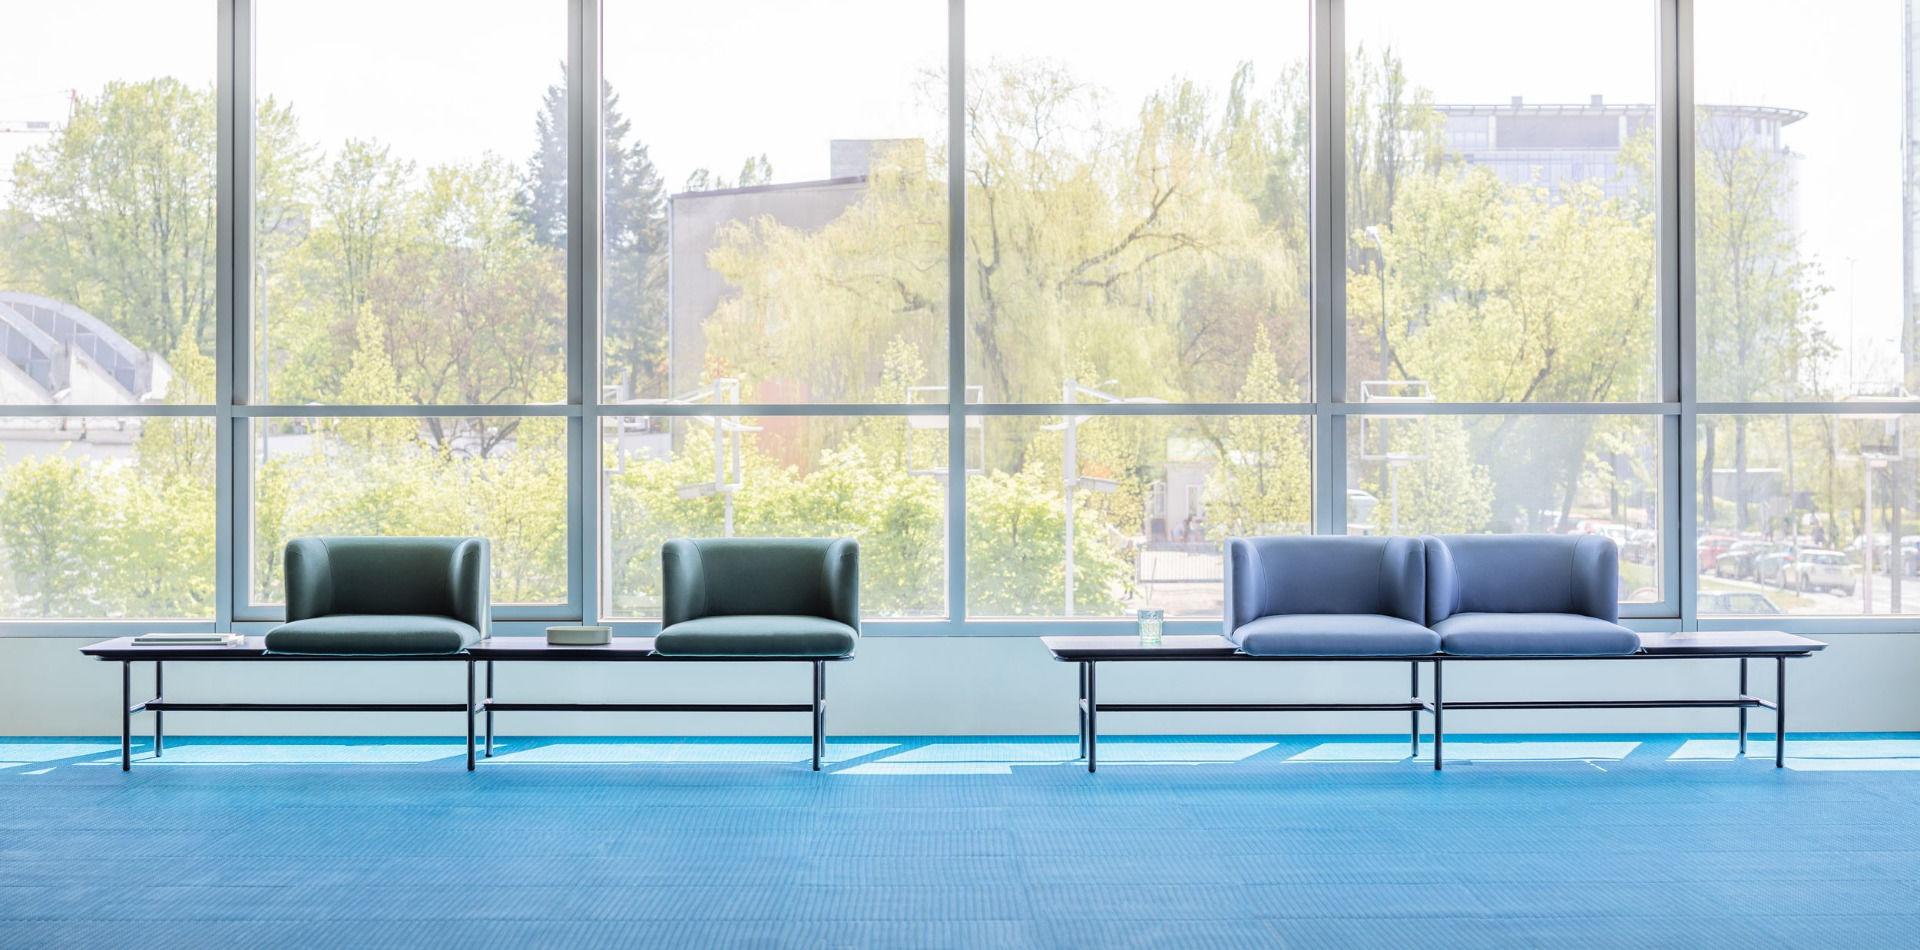 empfangstheken-sitzmoebel-foyer-kanzlei-schlicht-gruen-hellblau-sitzbank-front